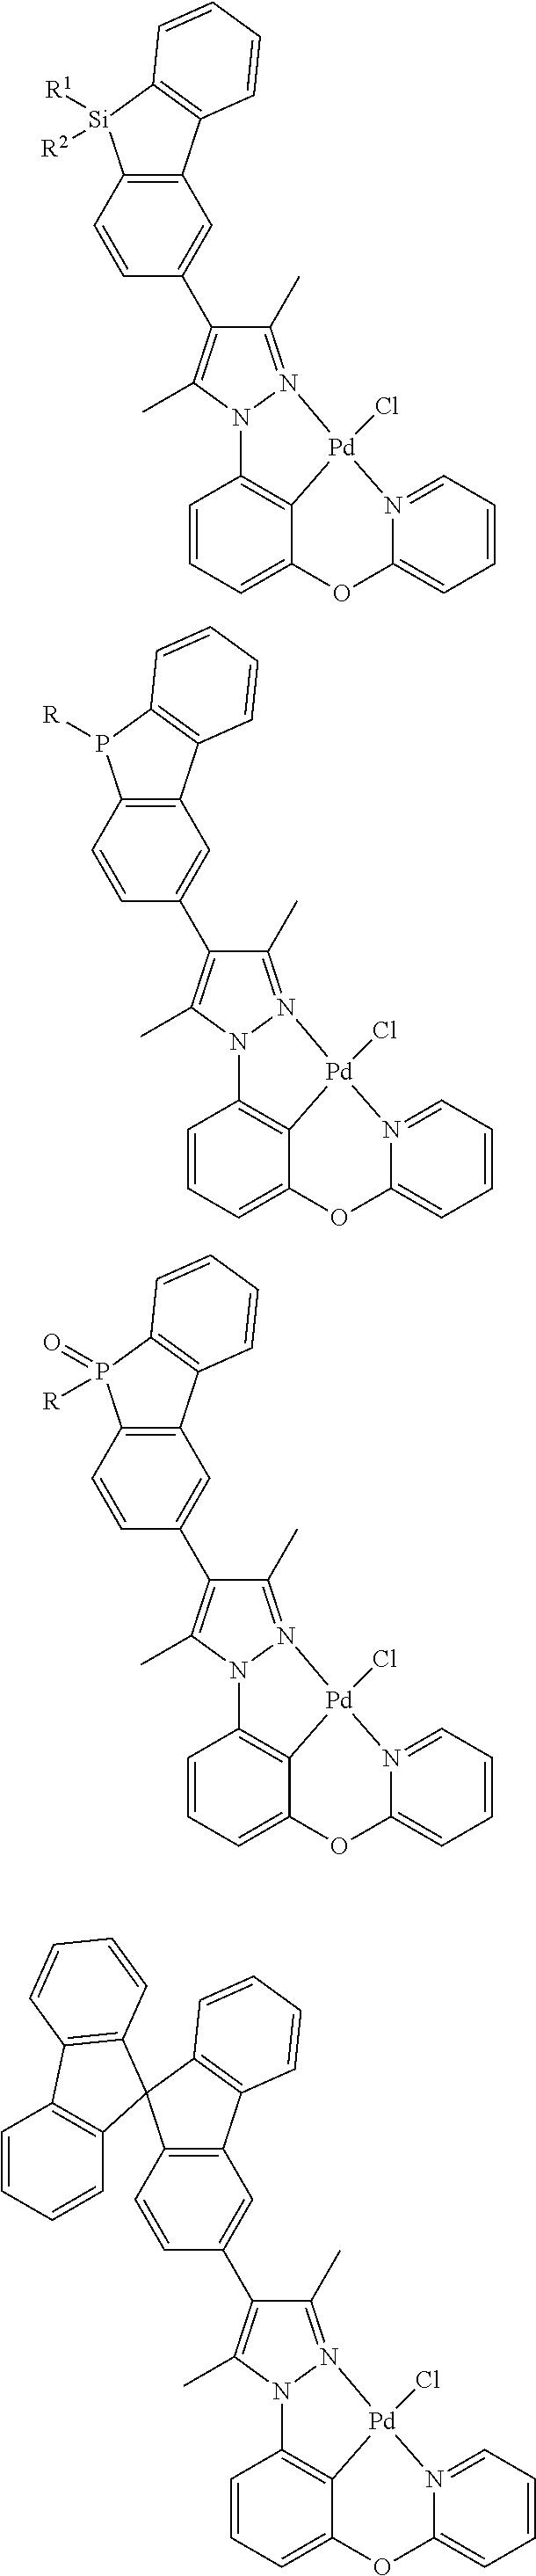 Figure US09818959-20171114-C00535